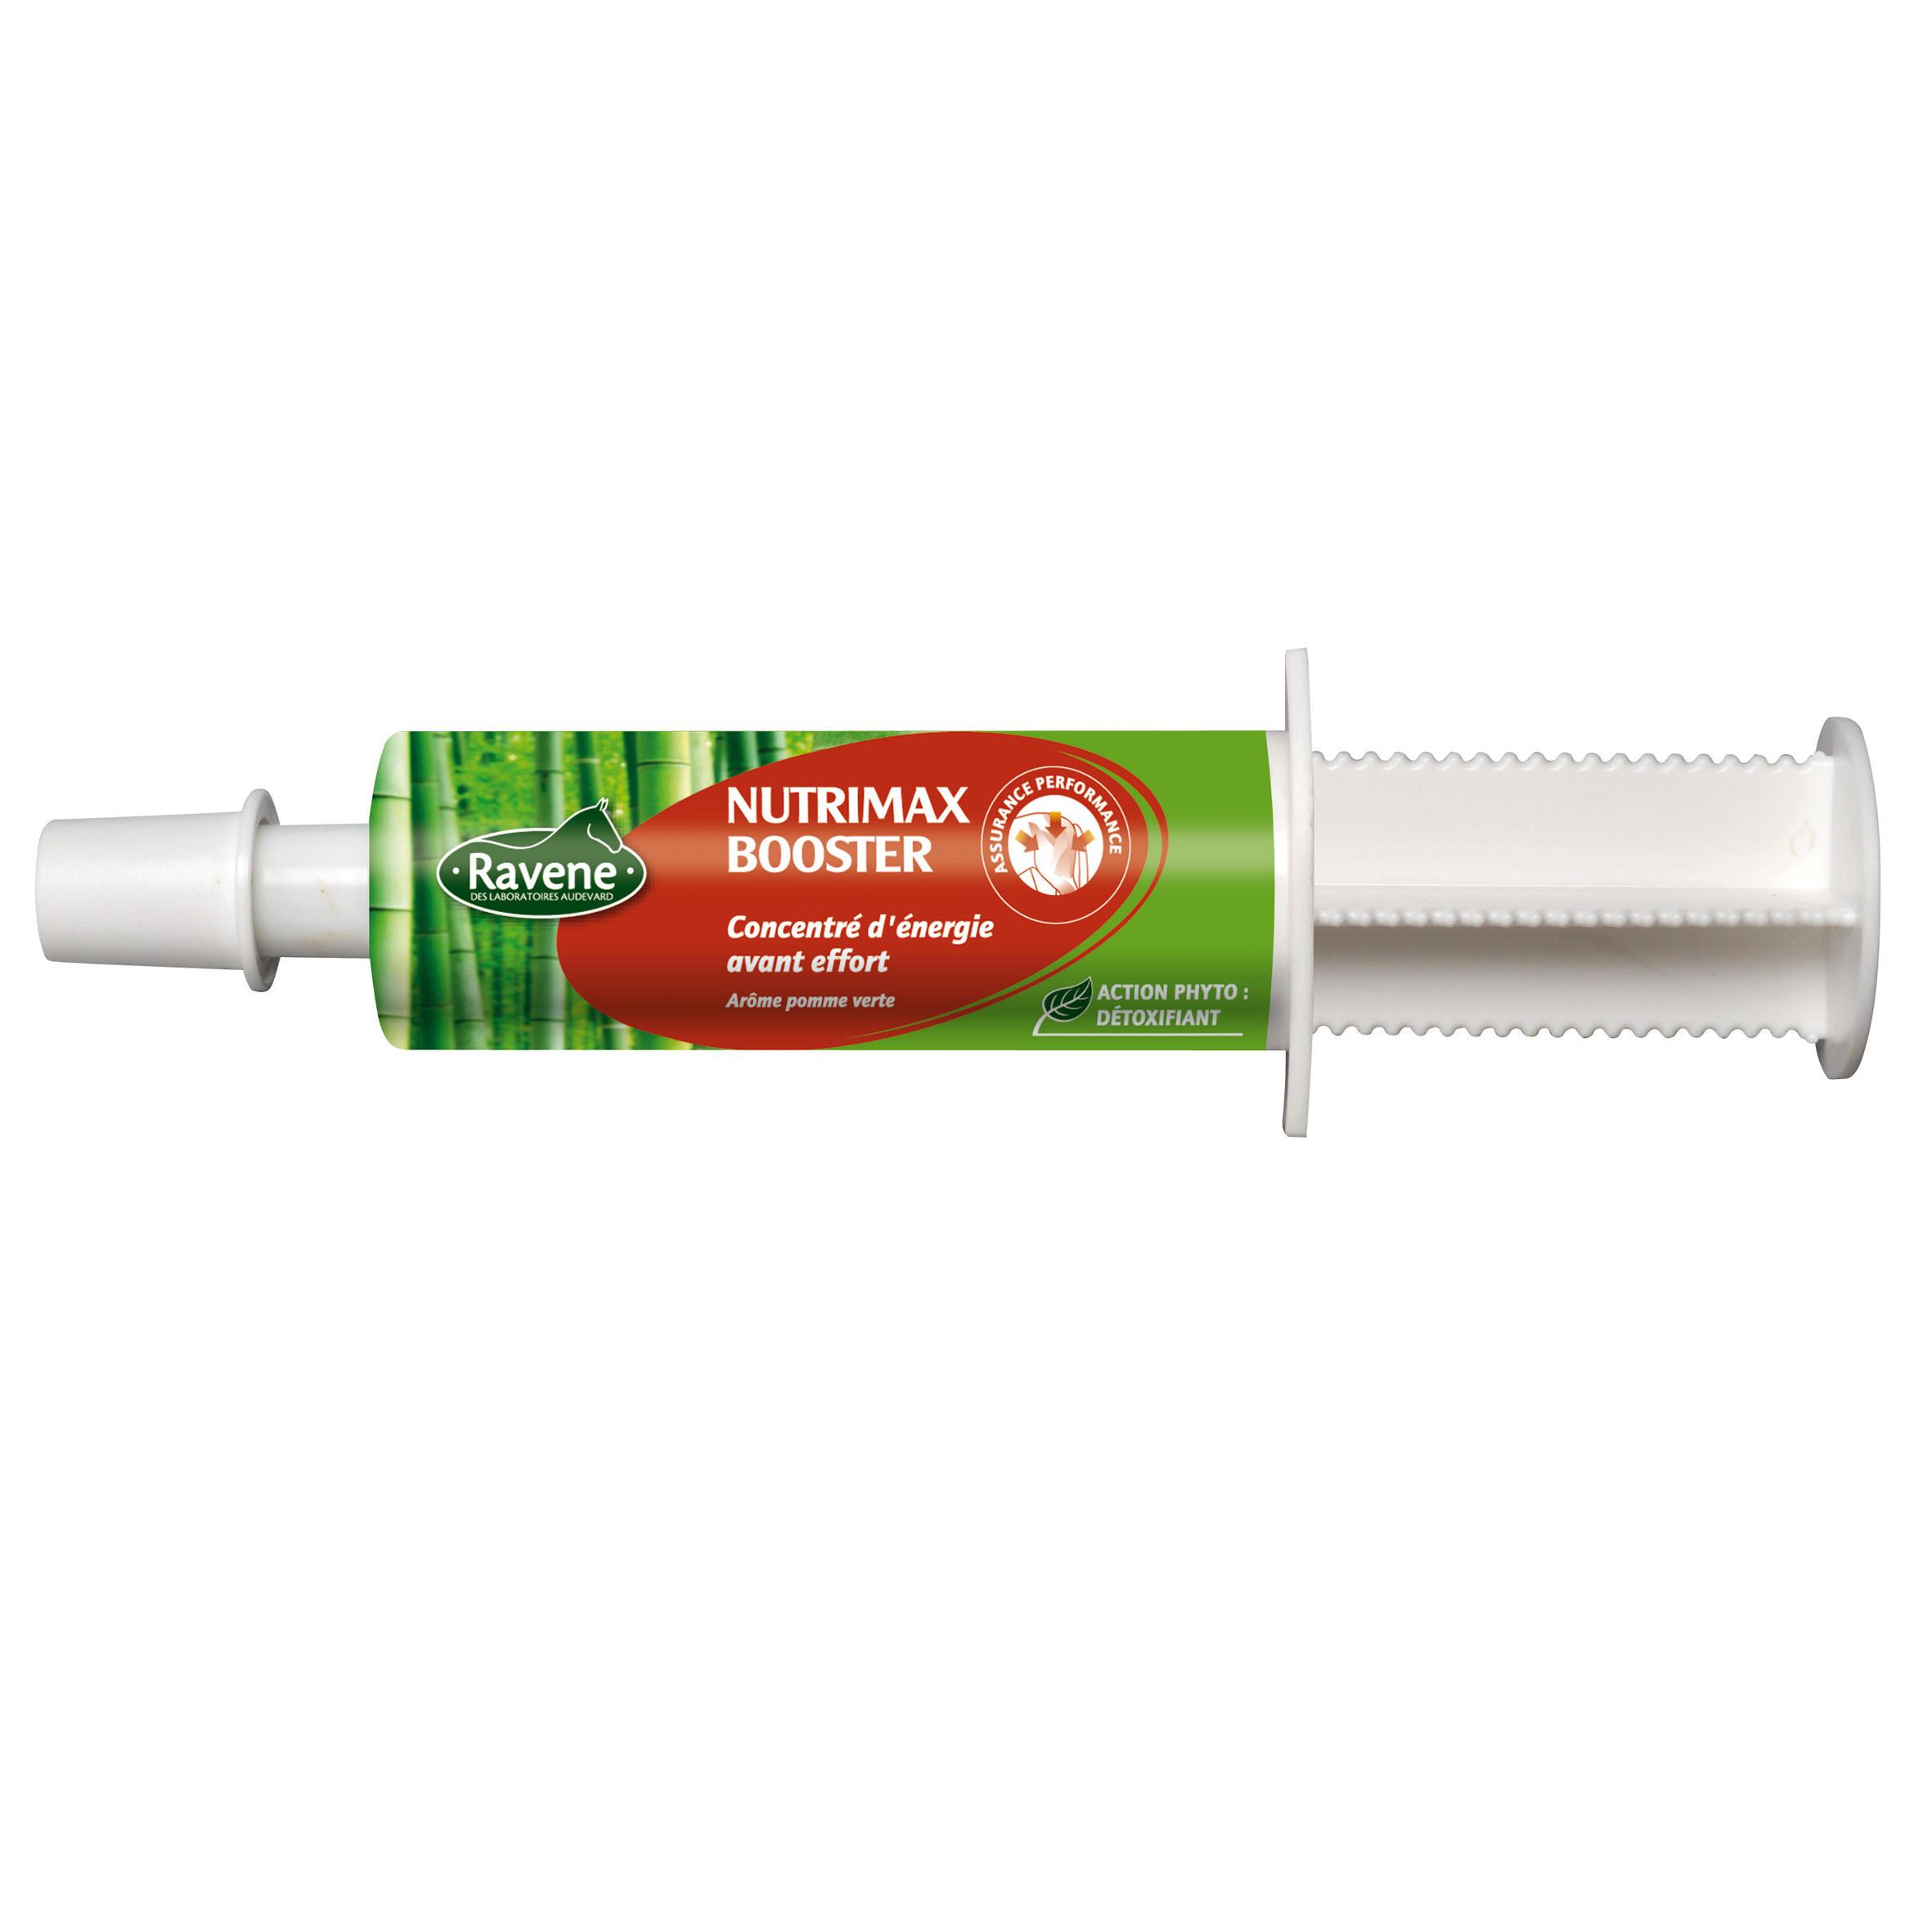 Futtermittelergänzung Booster Nutrimax 30 ml